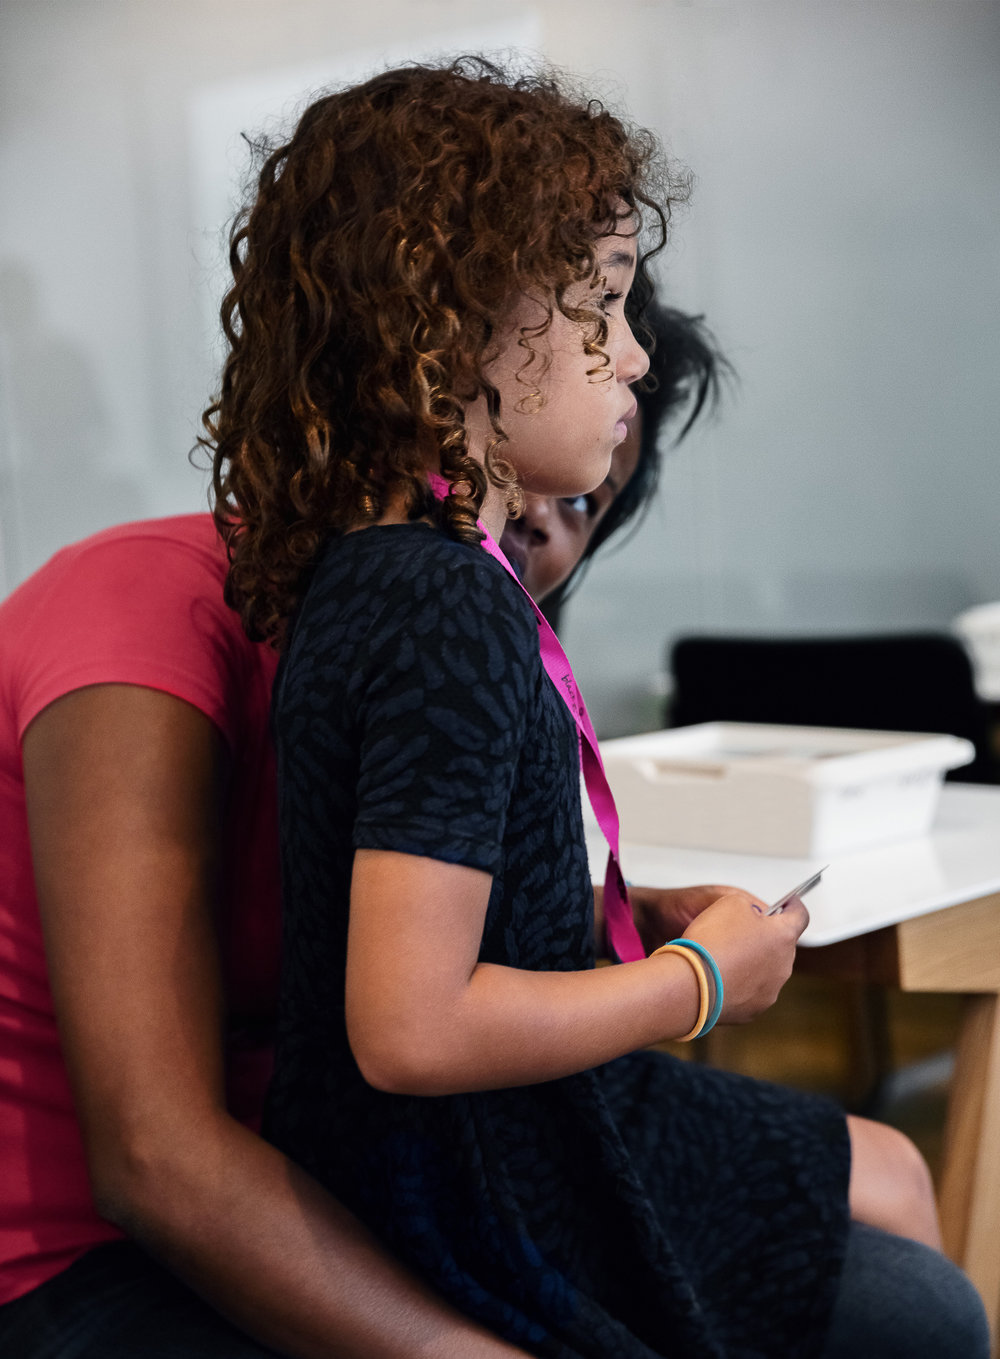 Vad gör vi? - Here is a description of your mission and goals.Vi vill, från en ungdoms perspektiv, bidra till en ökad förståelse hos vuxna kring hur ungdomar och barn i dagens samhälle tänker och fungerar. Framförallt i kombination med dagens sociala medier. Vi tror att en ökad förståelse bidrar till ett bättre socialt klimat och ett starkare band mellan föräldrar och barn.Learn More